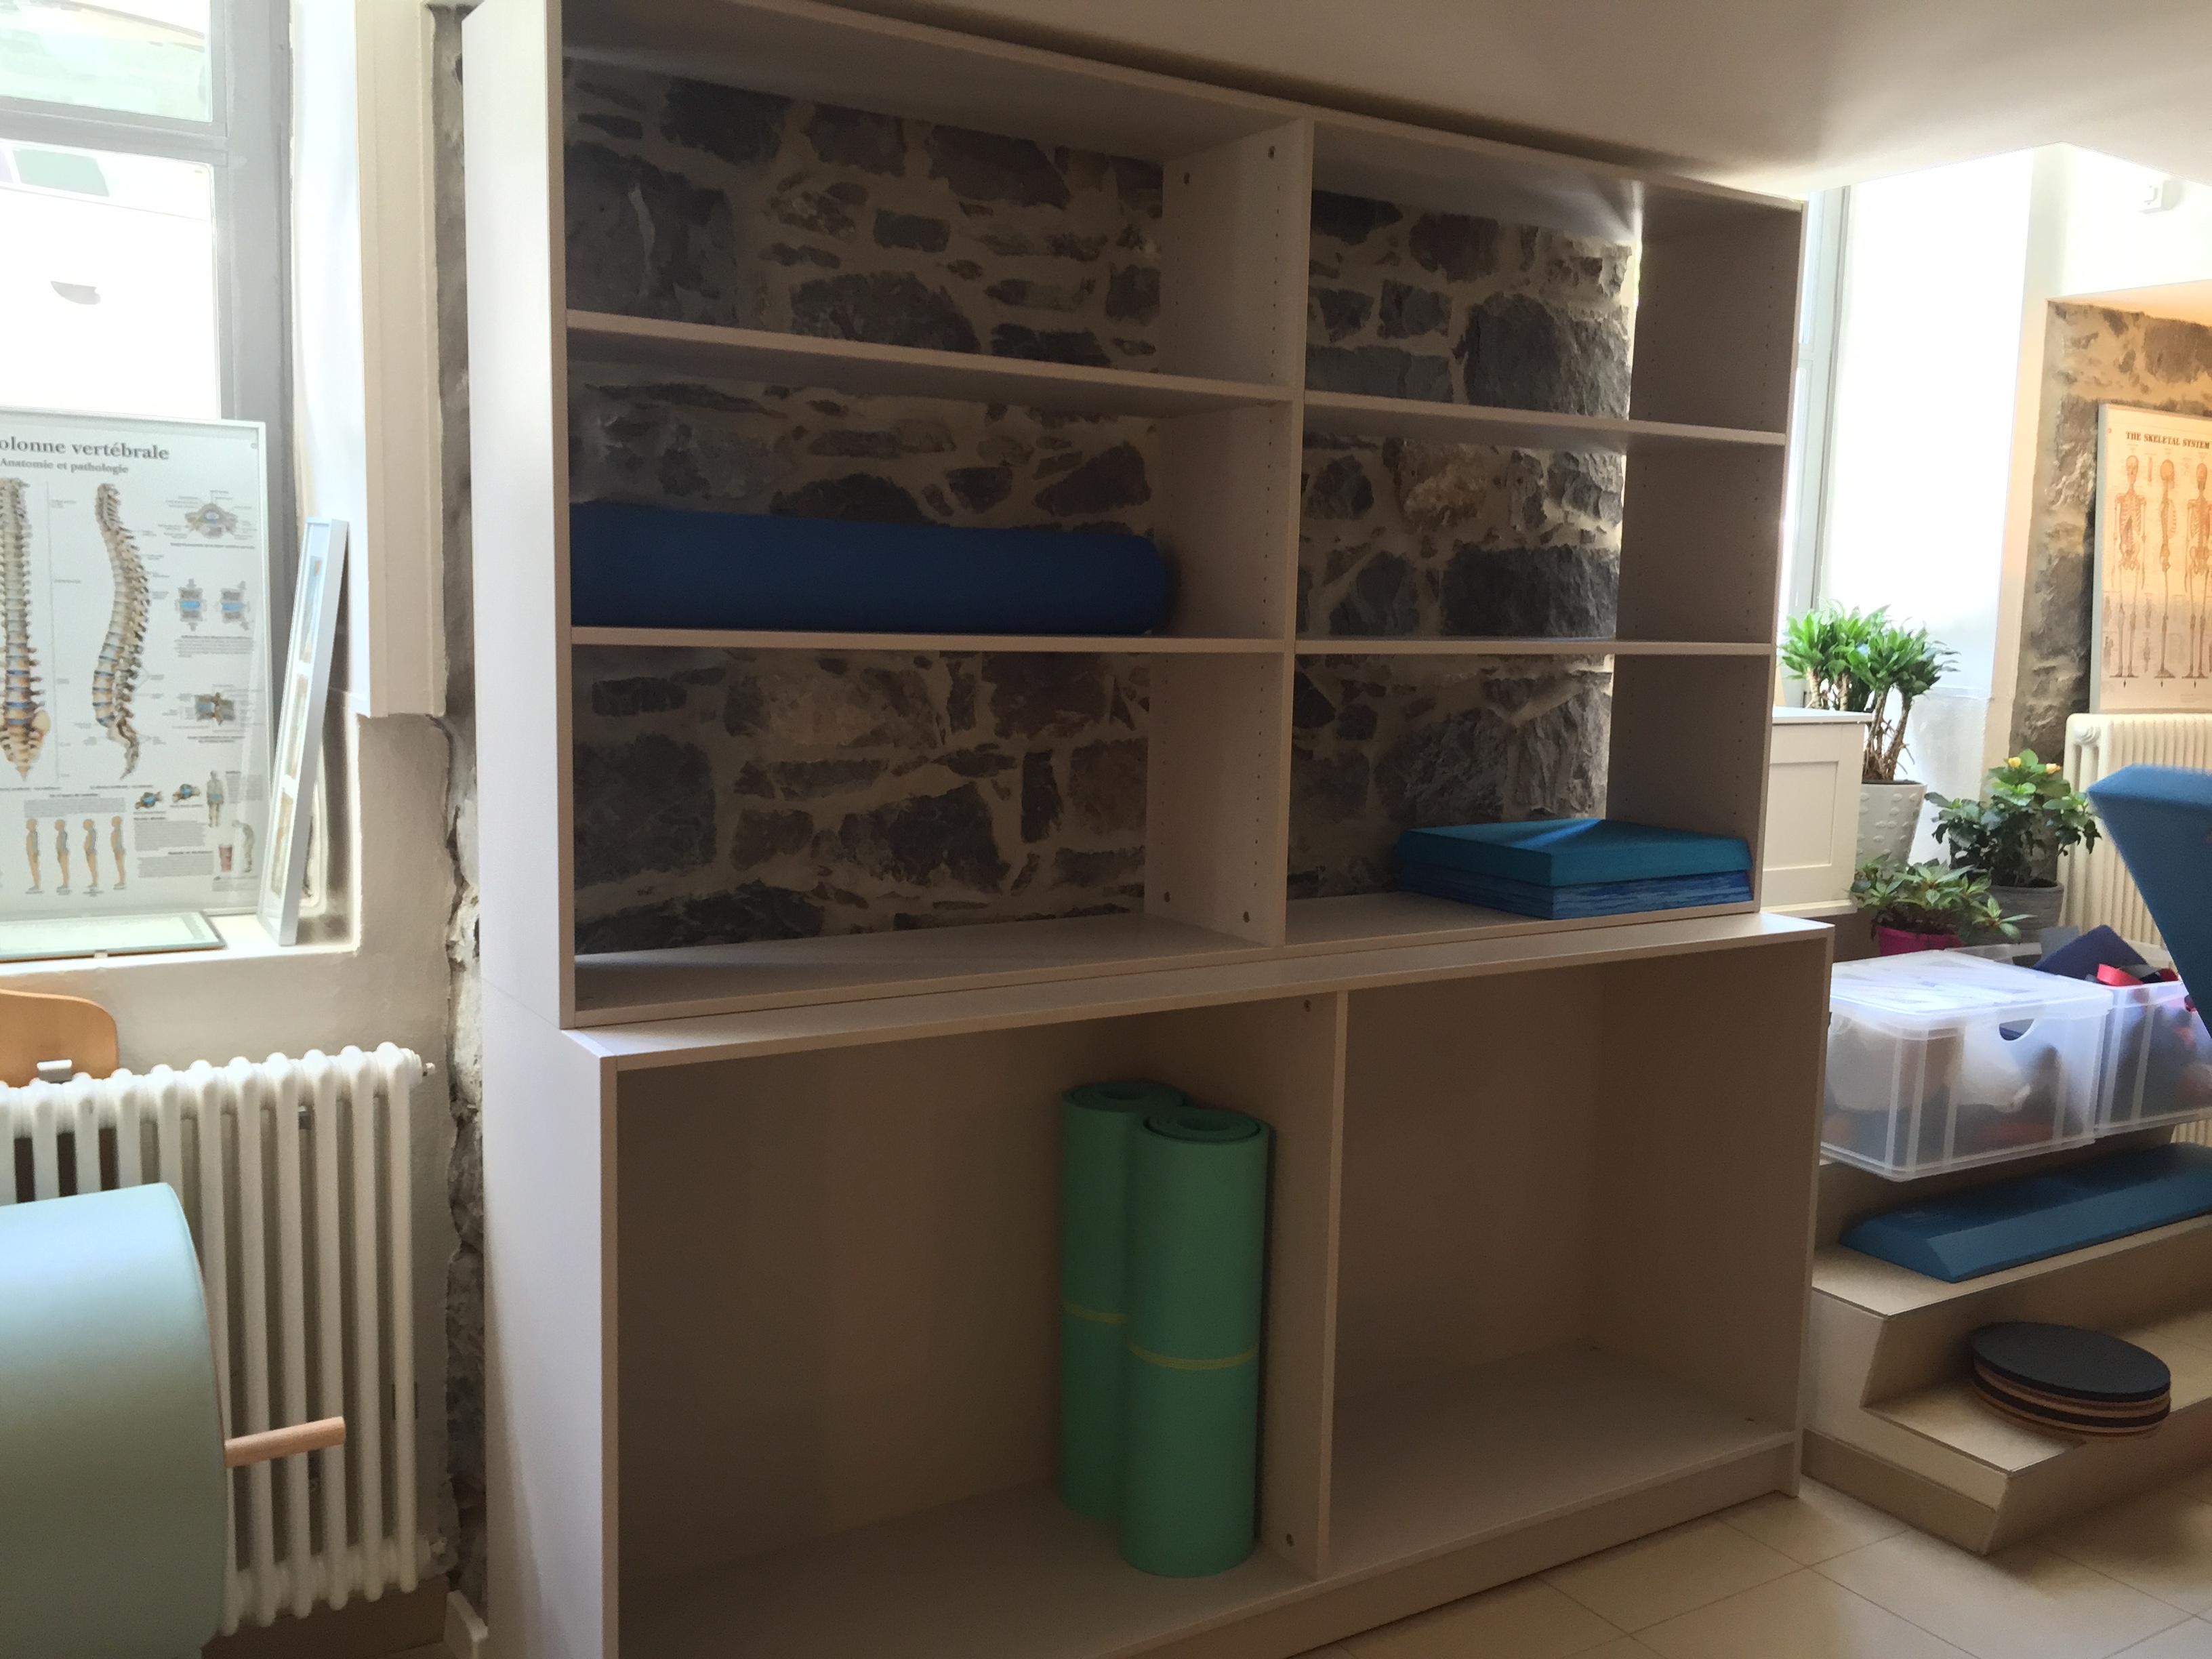 Achat meuble sur mesure sur quickmeuble.com